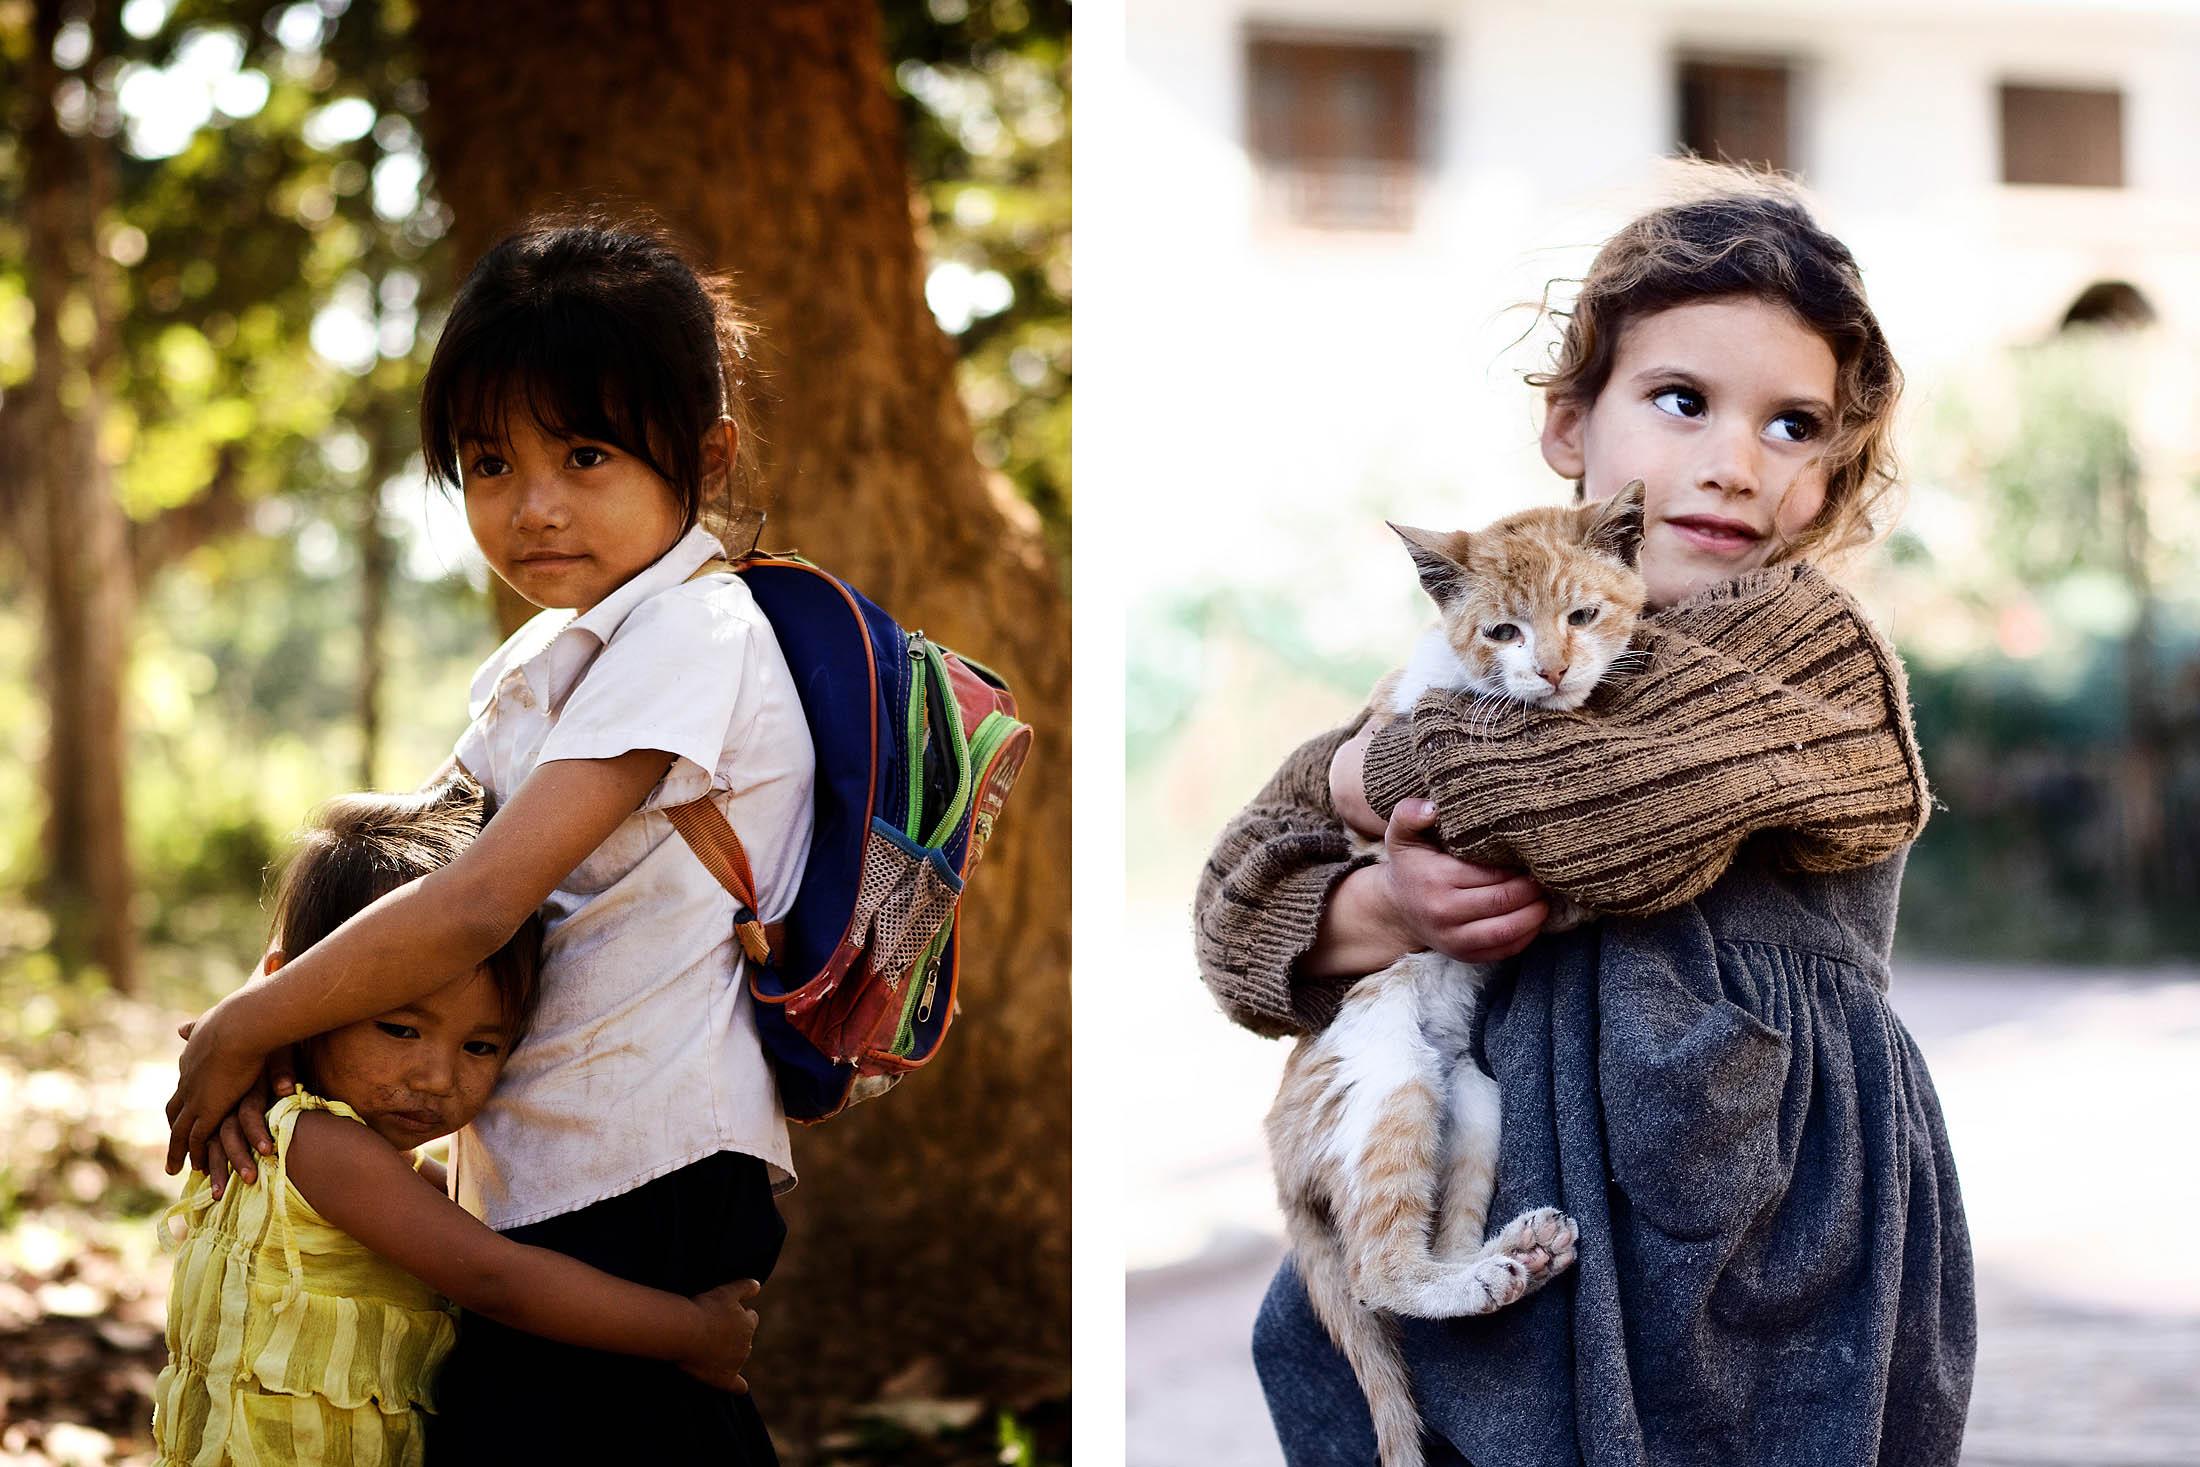 Cambodia/Marocco